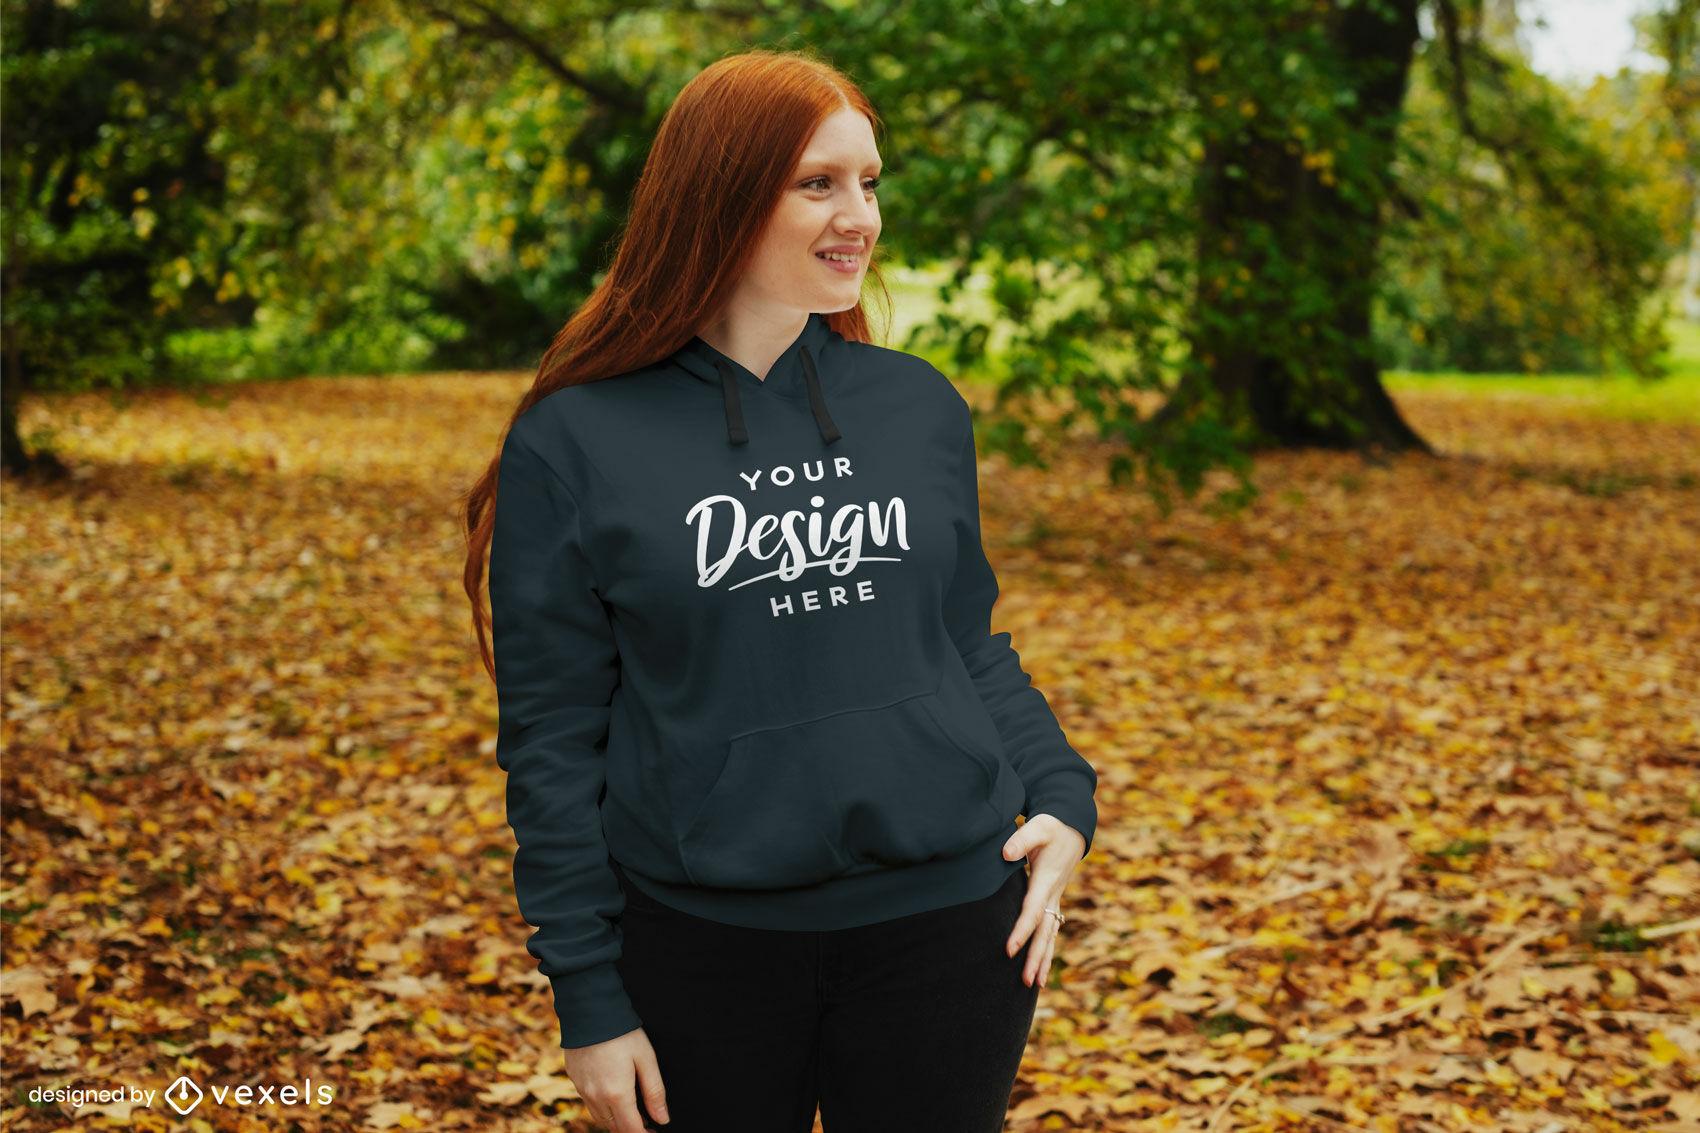 Chica de jengibre en maqueta de parque de otoño con capucha